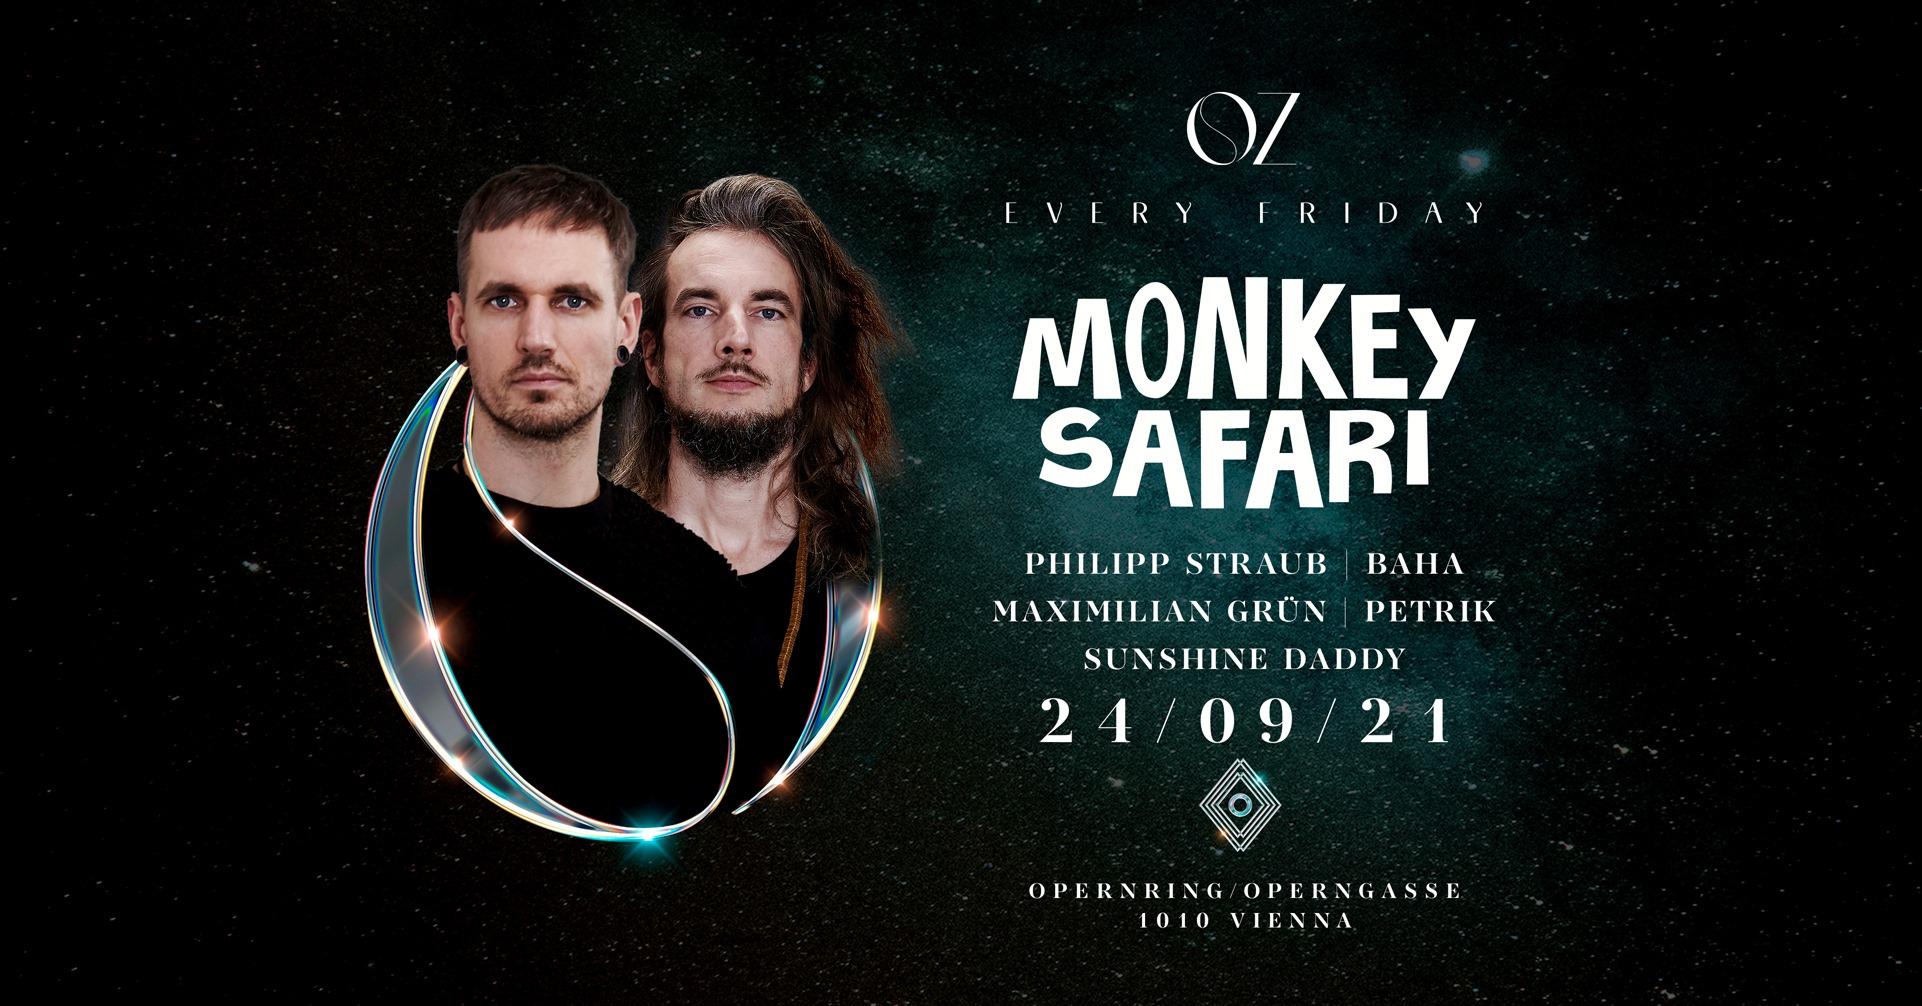 Events Wien: OZ w/ Monkey Safari